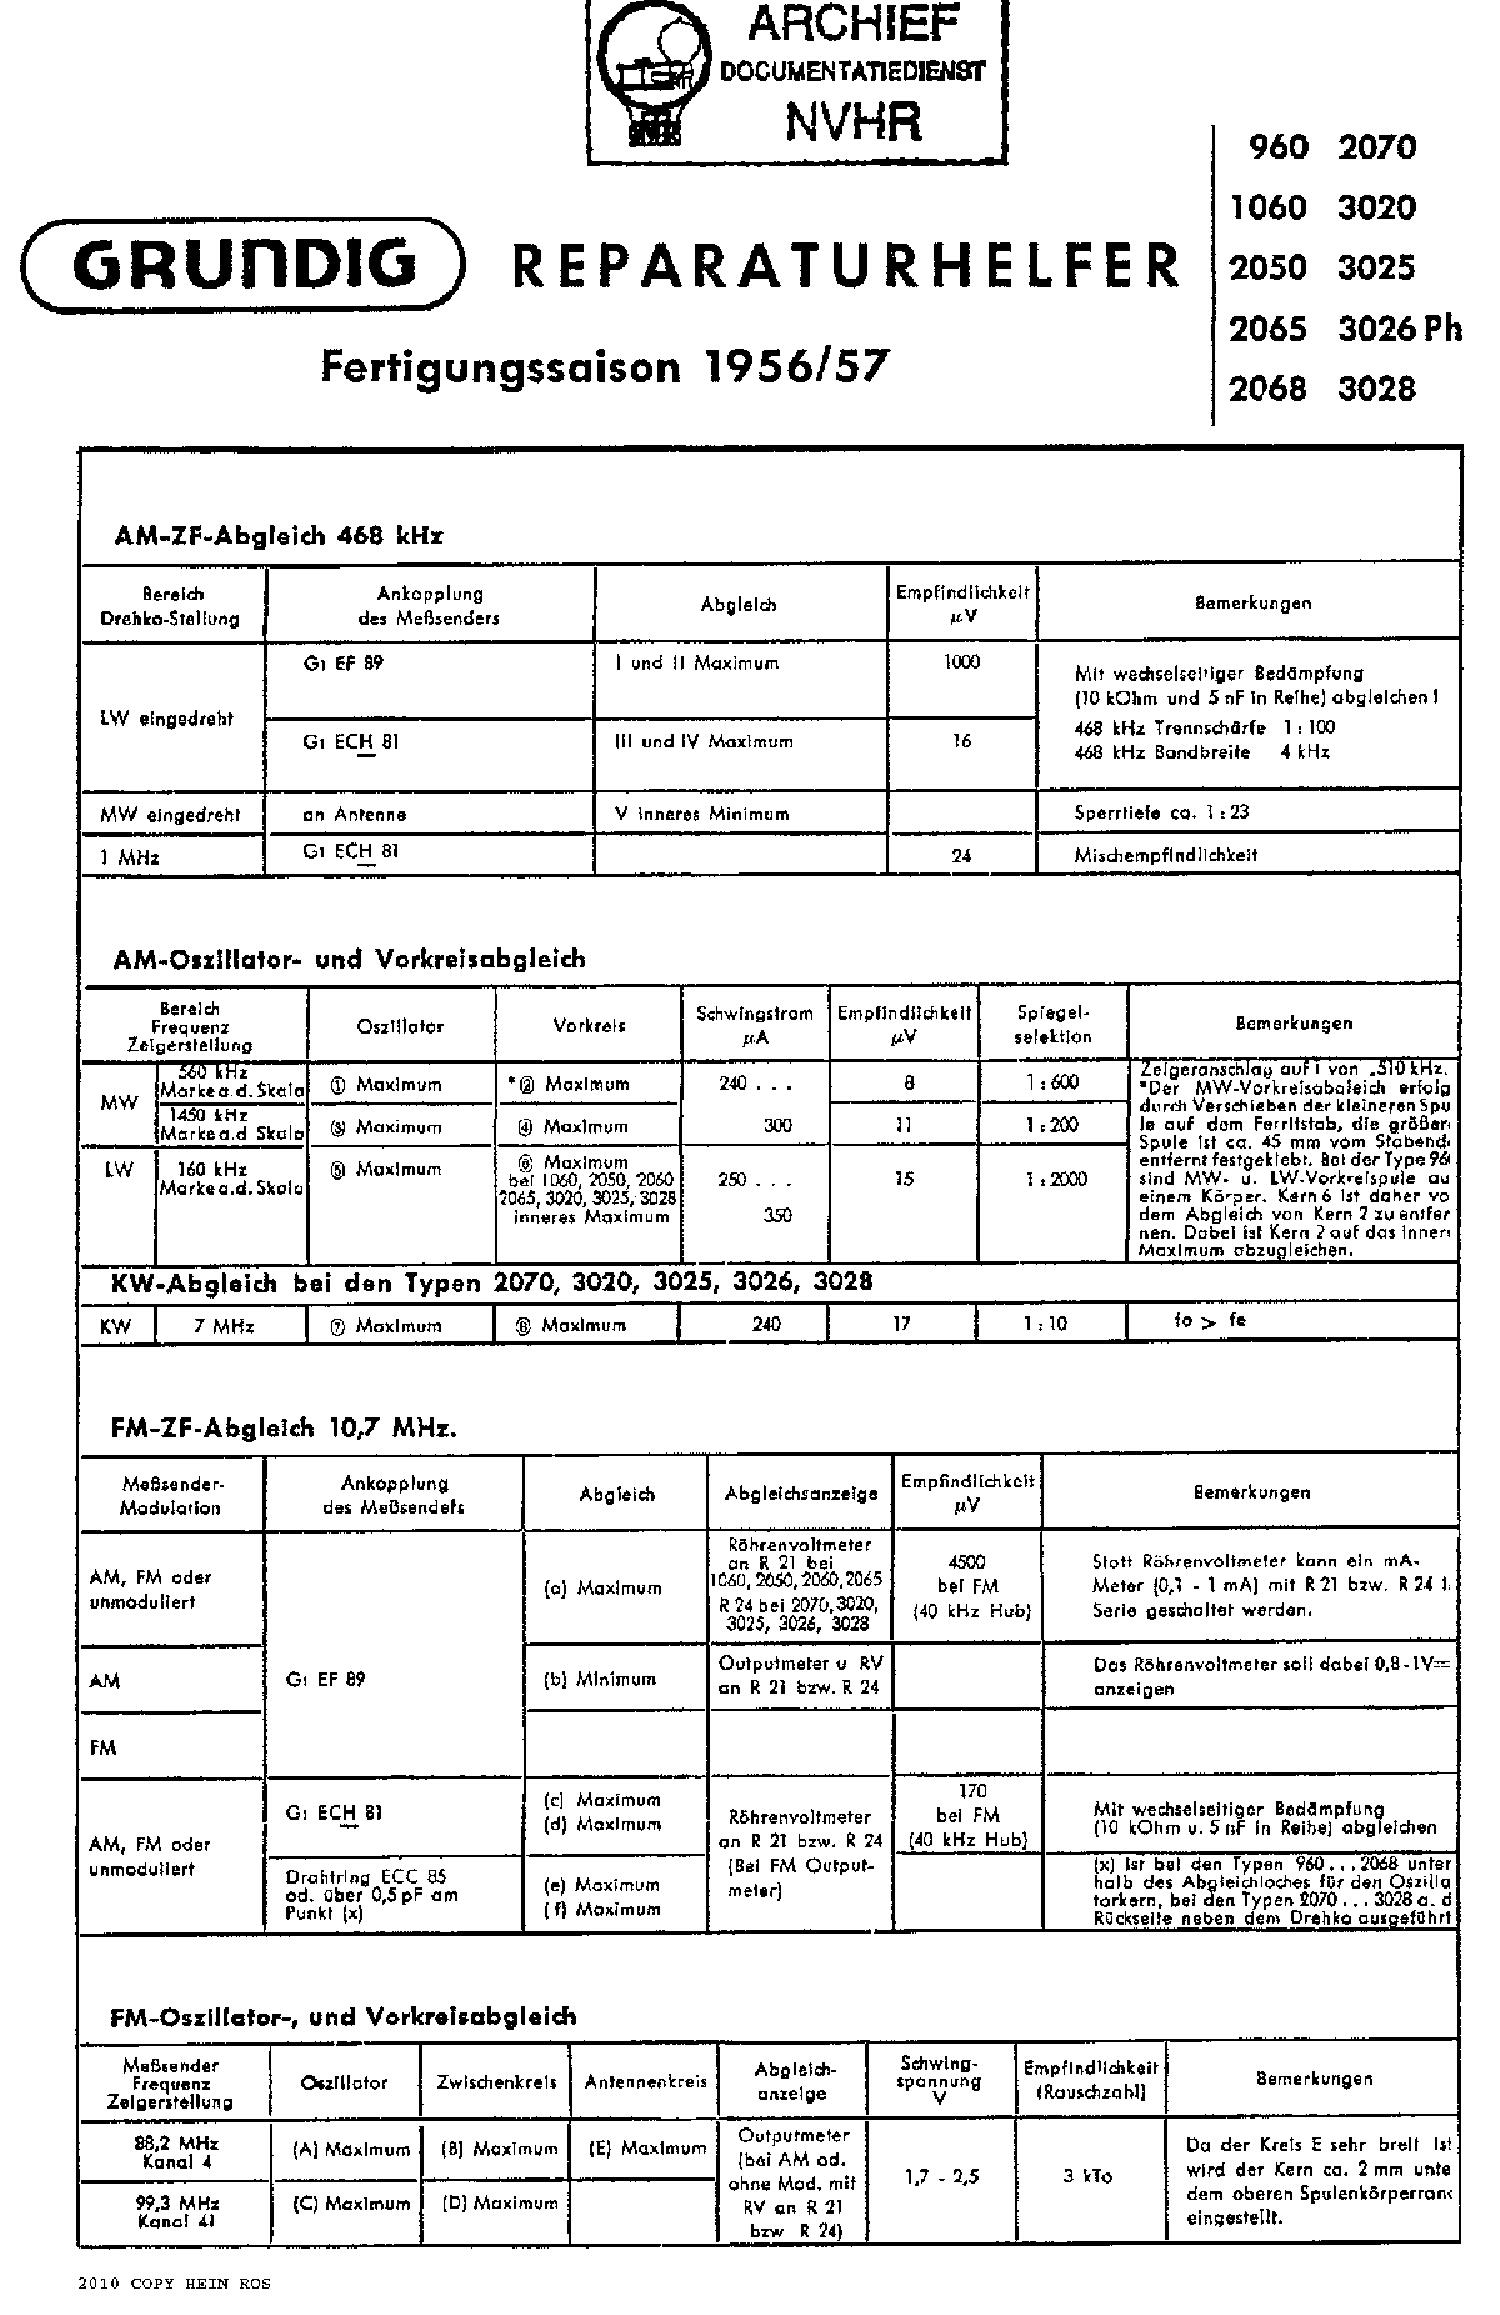 GRUNDIG 3028 AM-FM RADIO 1956 SCH service manual (1st page)